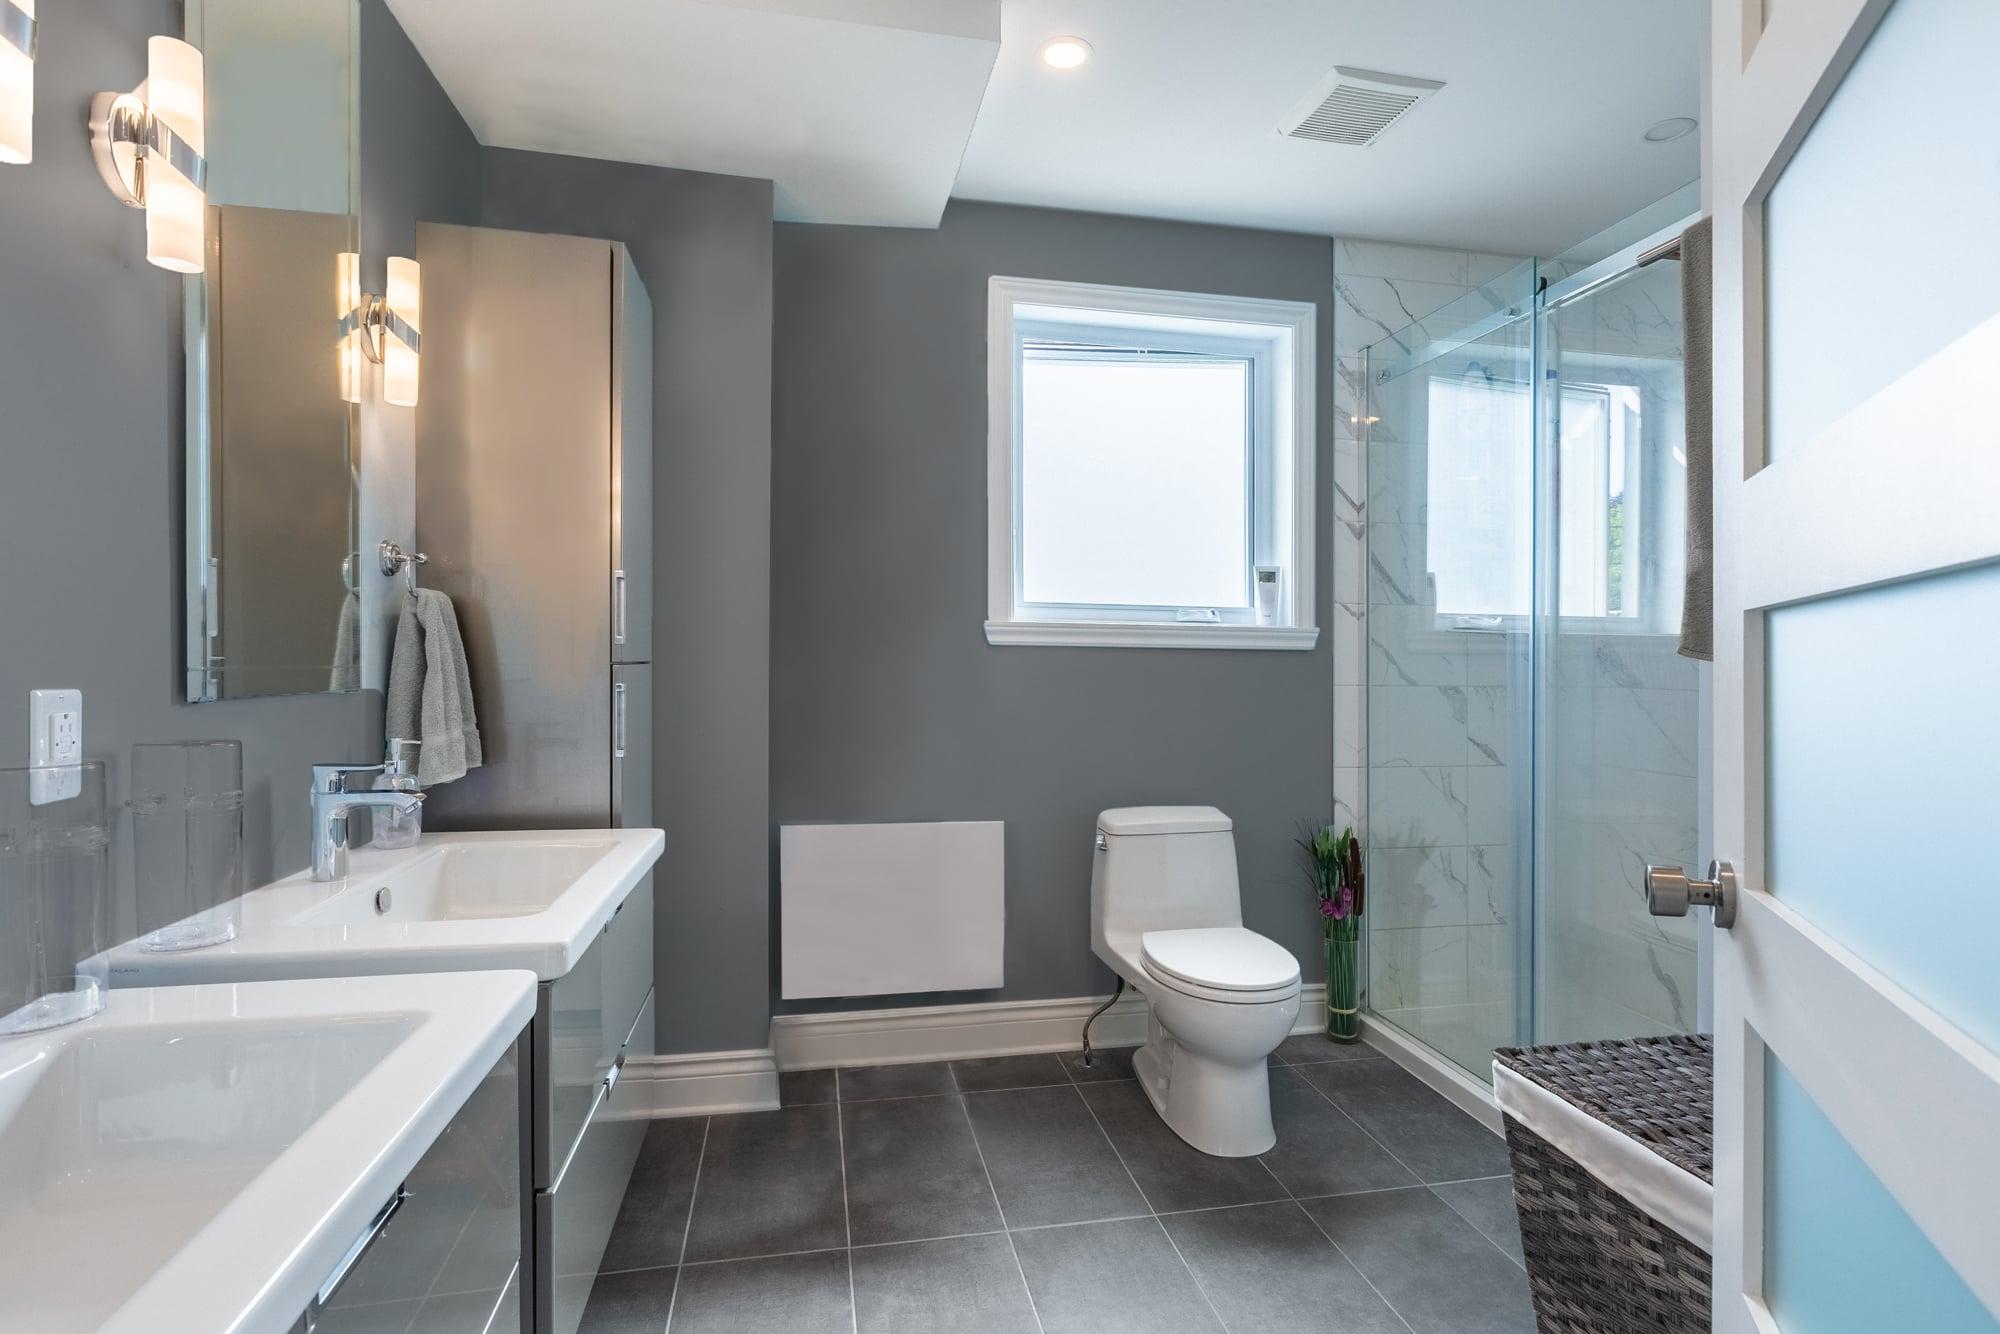 renovation de salles de bain salle d